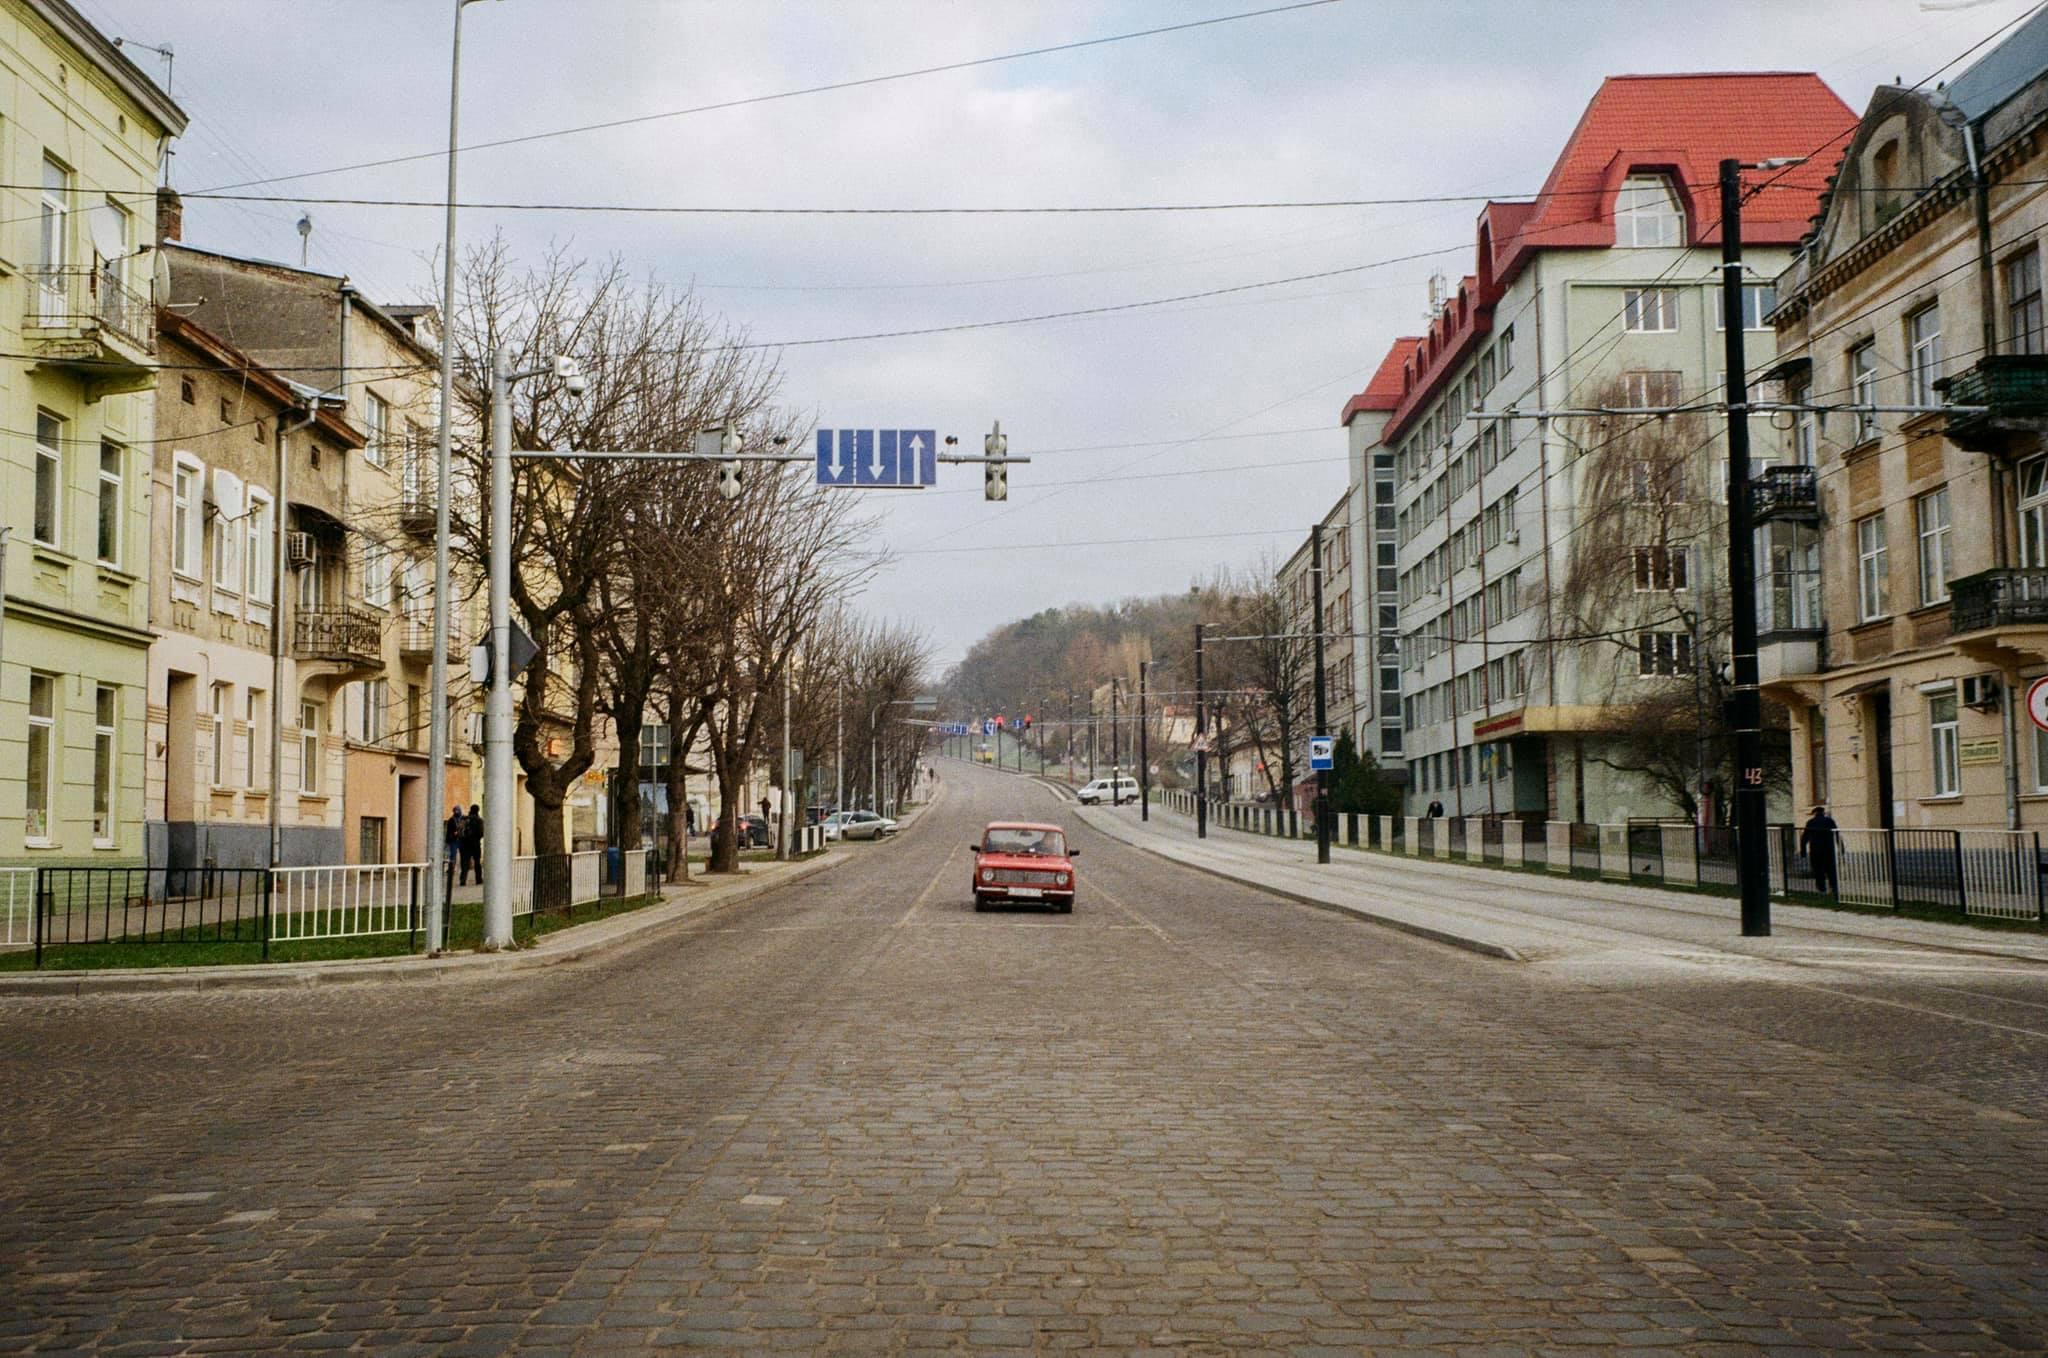 Вузька міська вулиця з автомобілями, припаркованими на узбіччі дороги